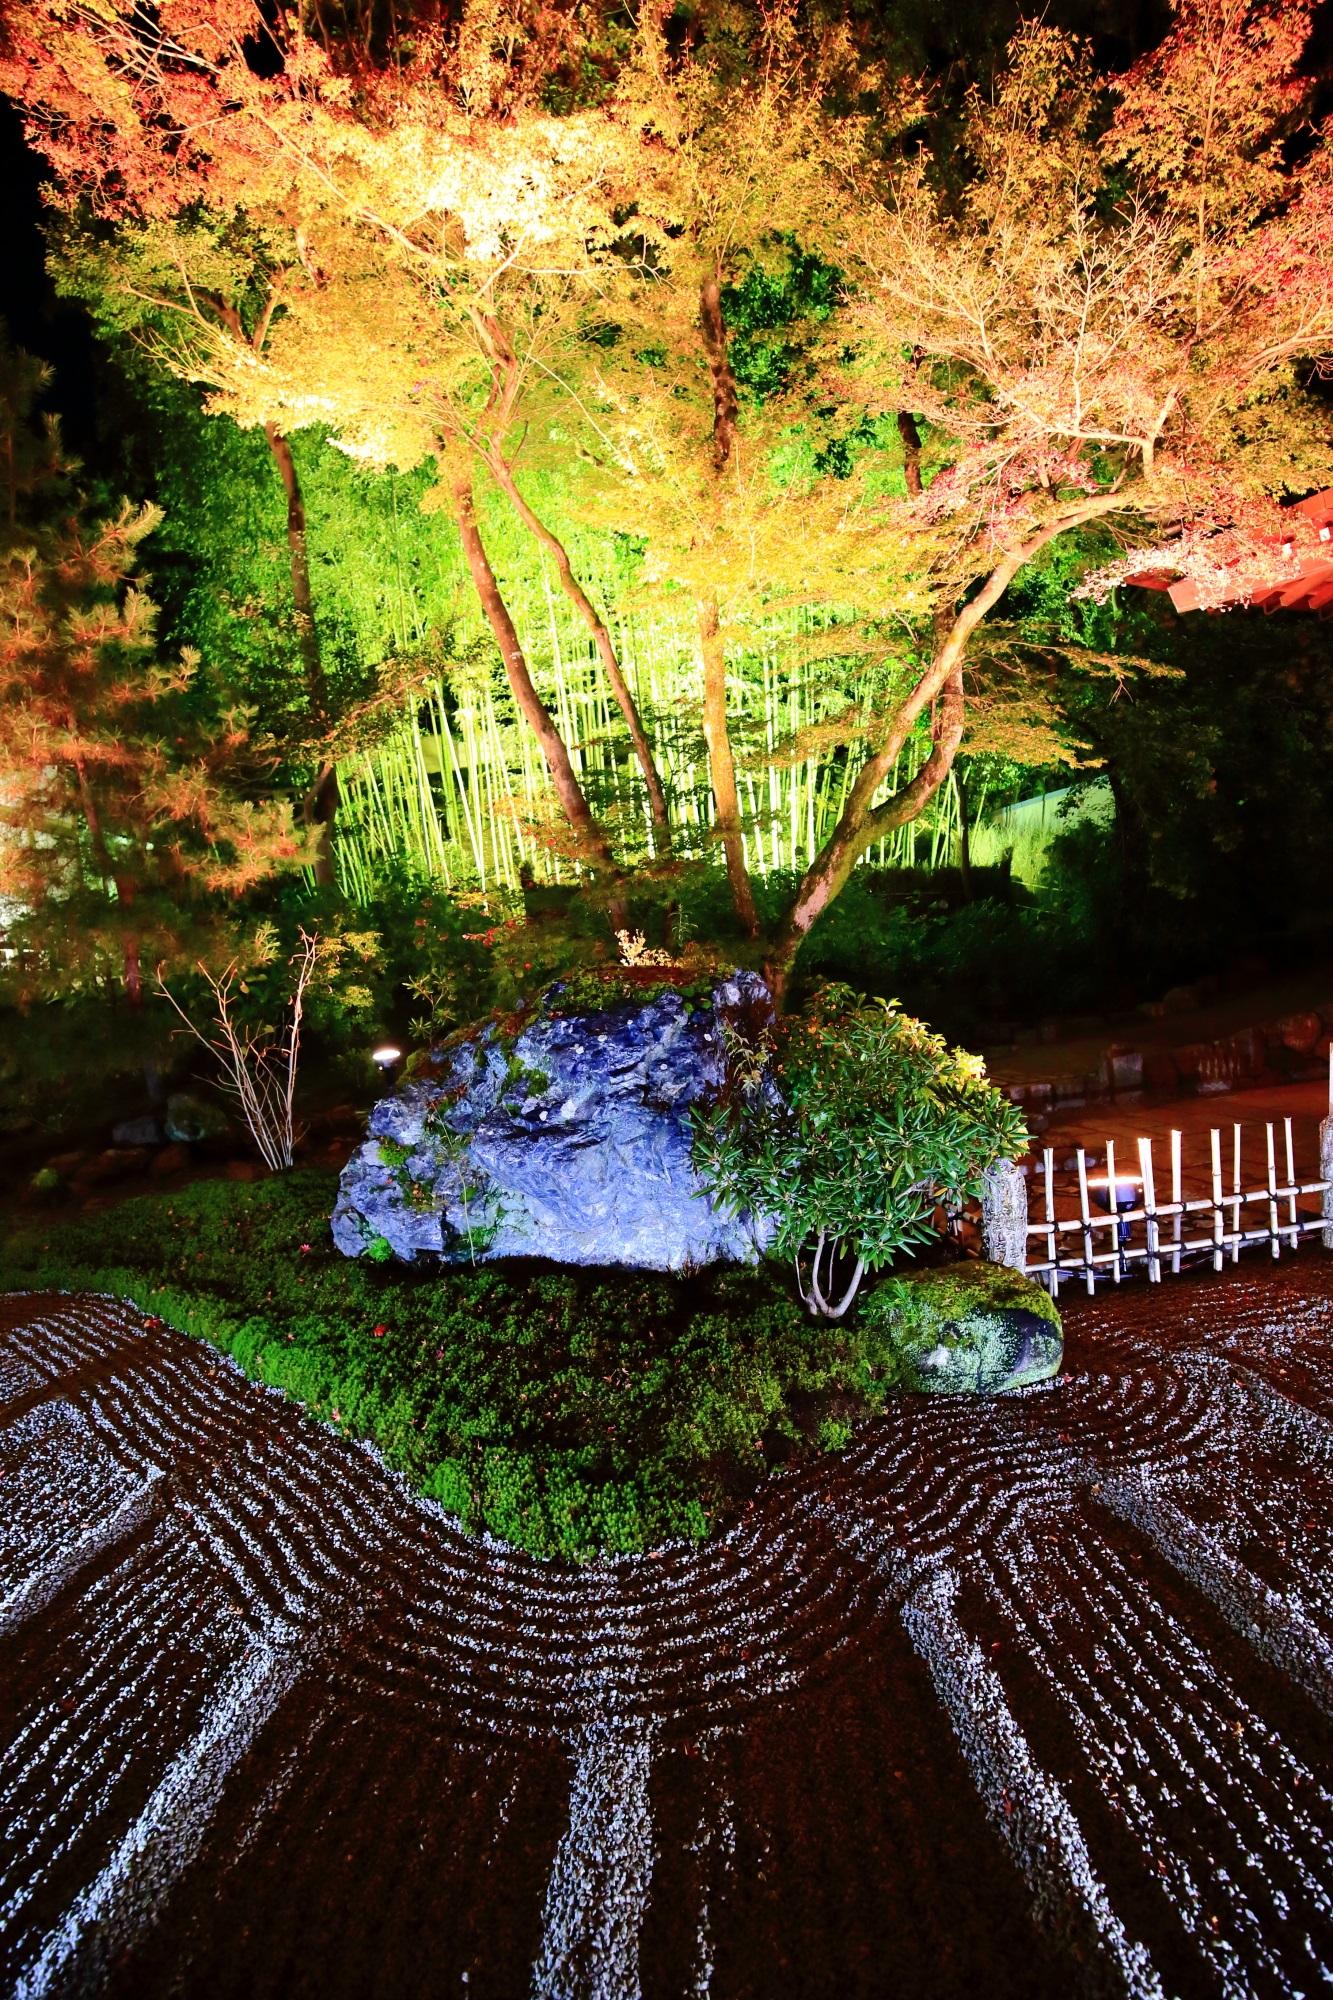 紅葉名所の宝厳院(ほうごんいん)の本堂前の石庭と竹林と紅葉ライトアップ